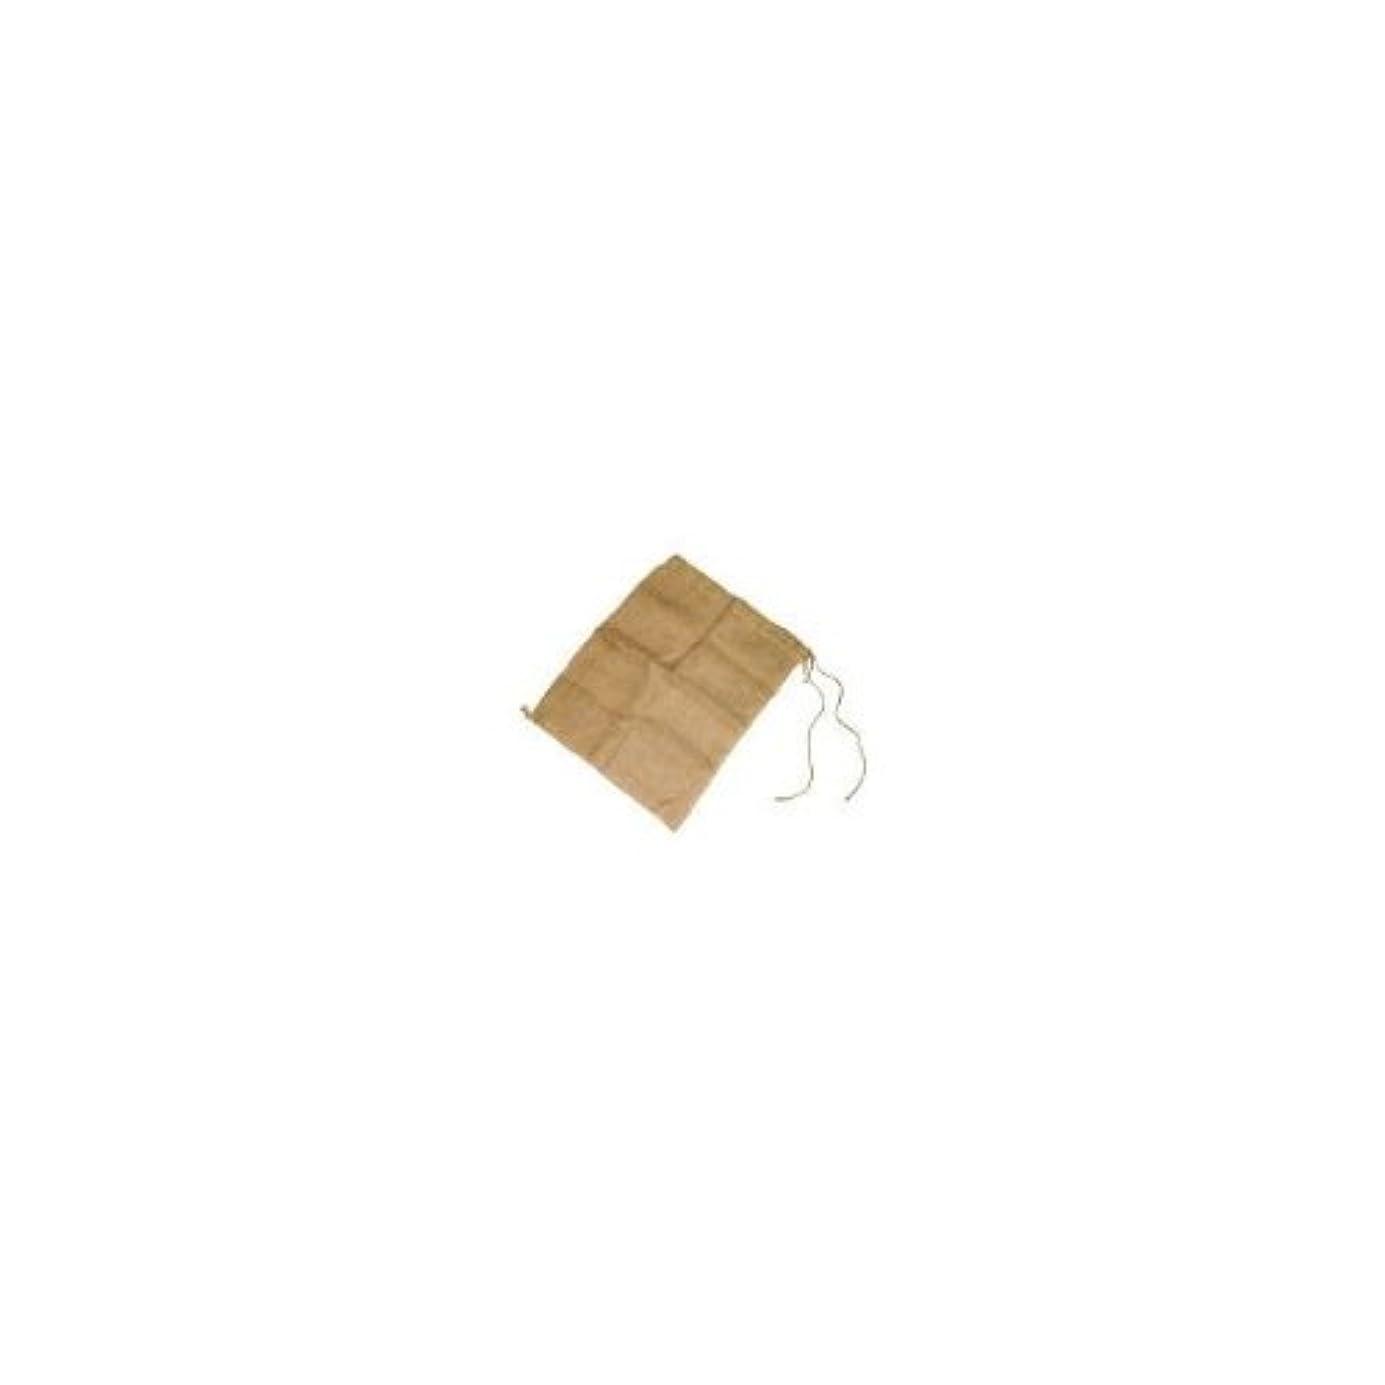 姓低い冒険家萩原 麻袋 口紐付き 48cm×62cm KBM4862 (100枚入り)